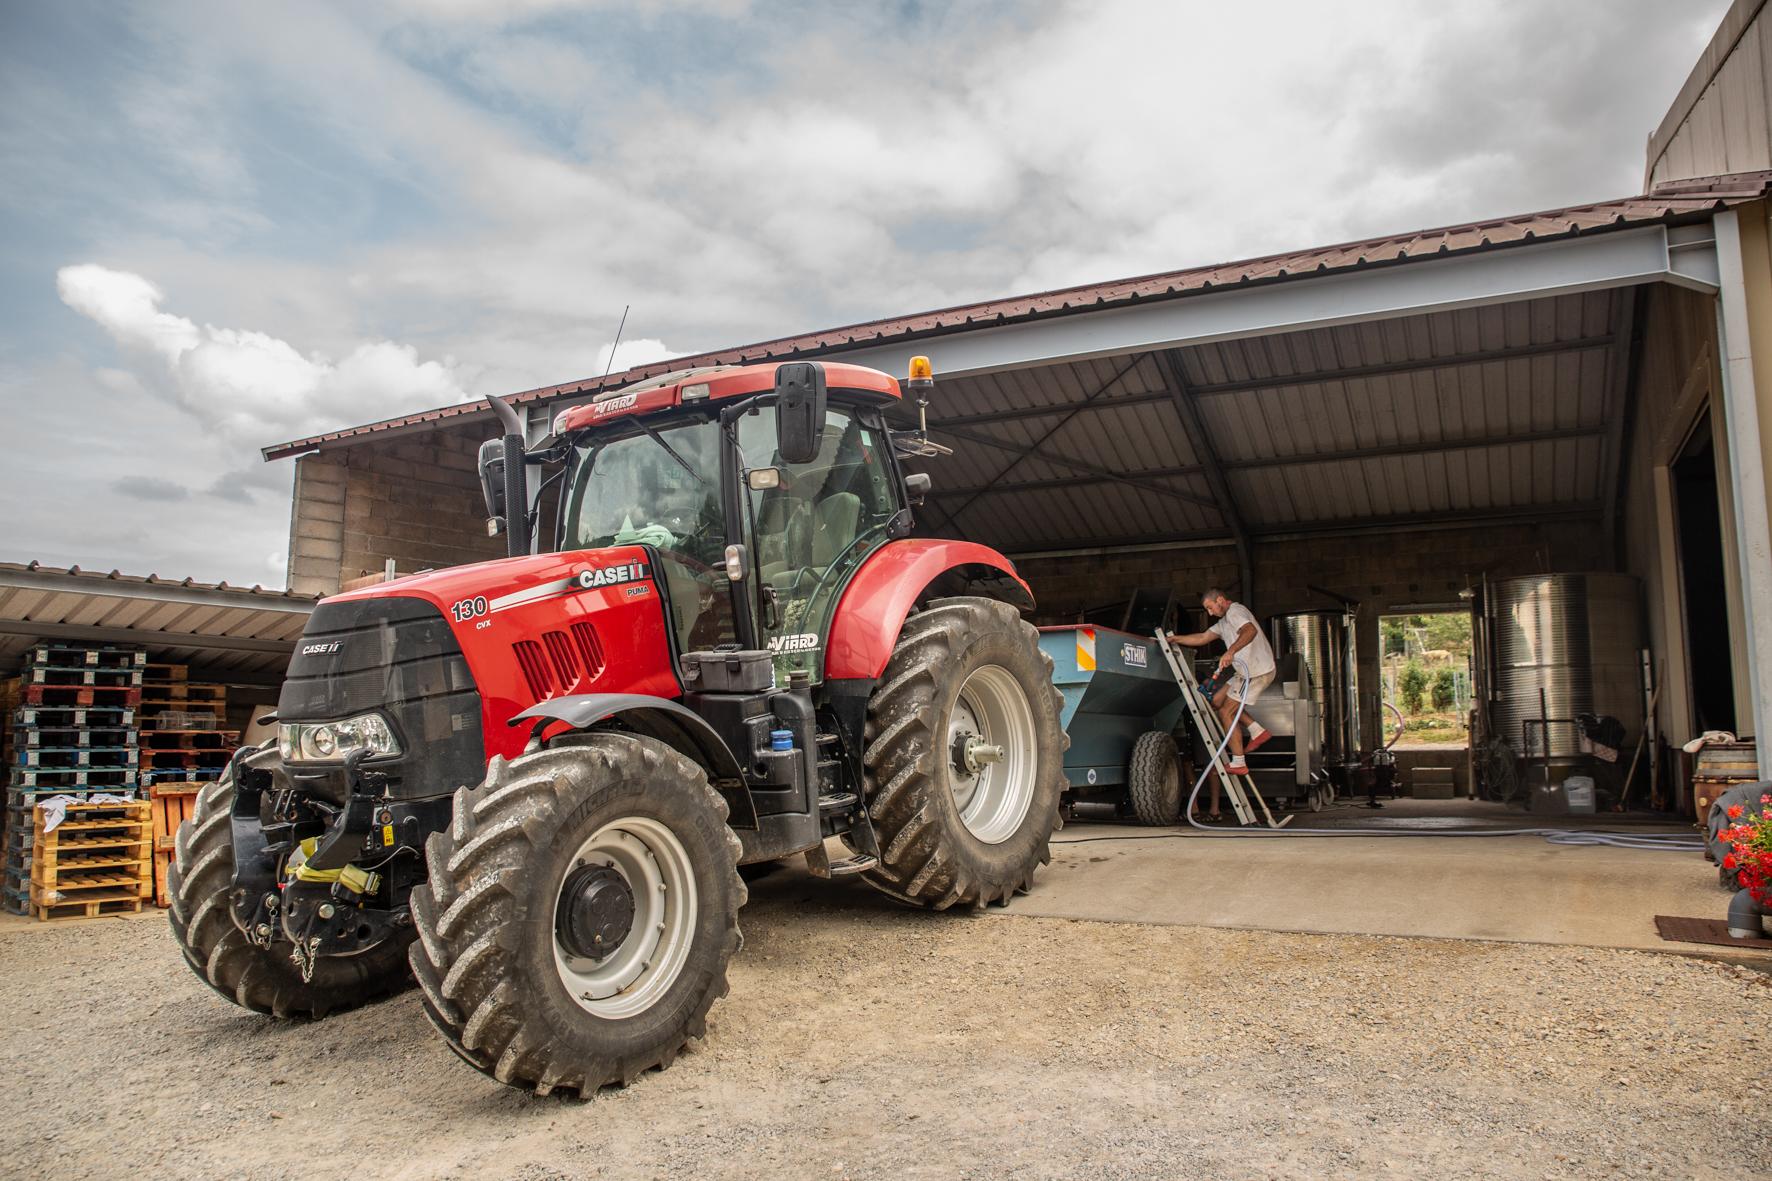 Tracteur viticole - Domaine Jeannot